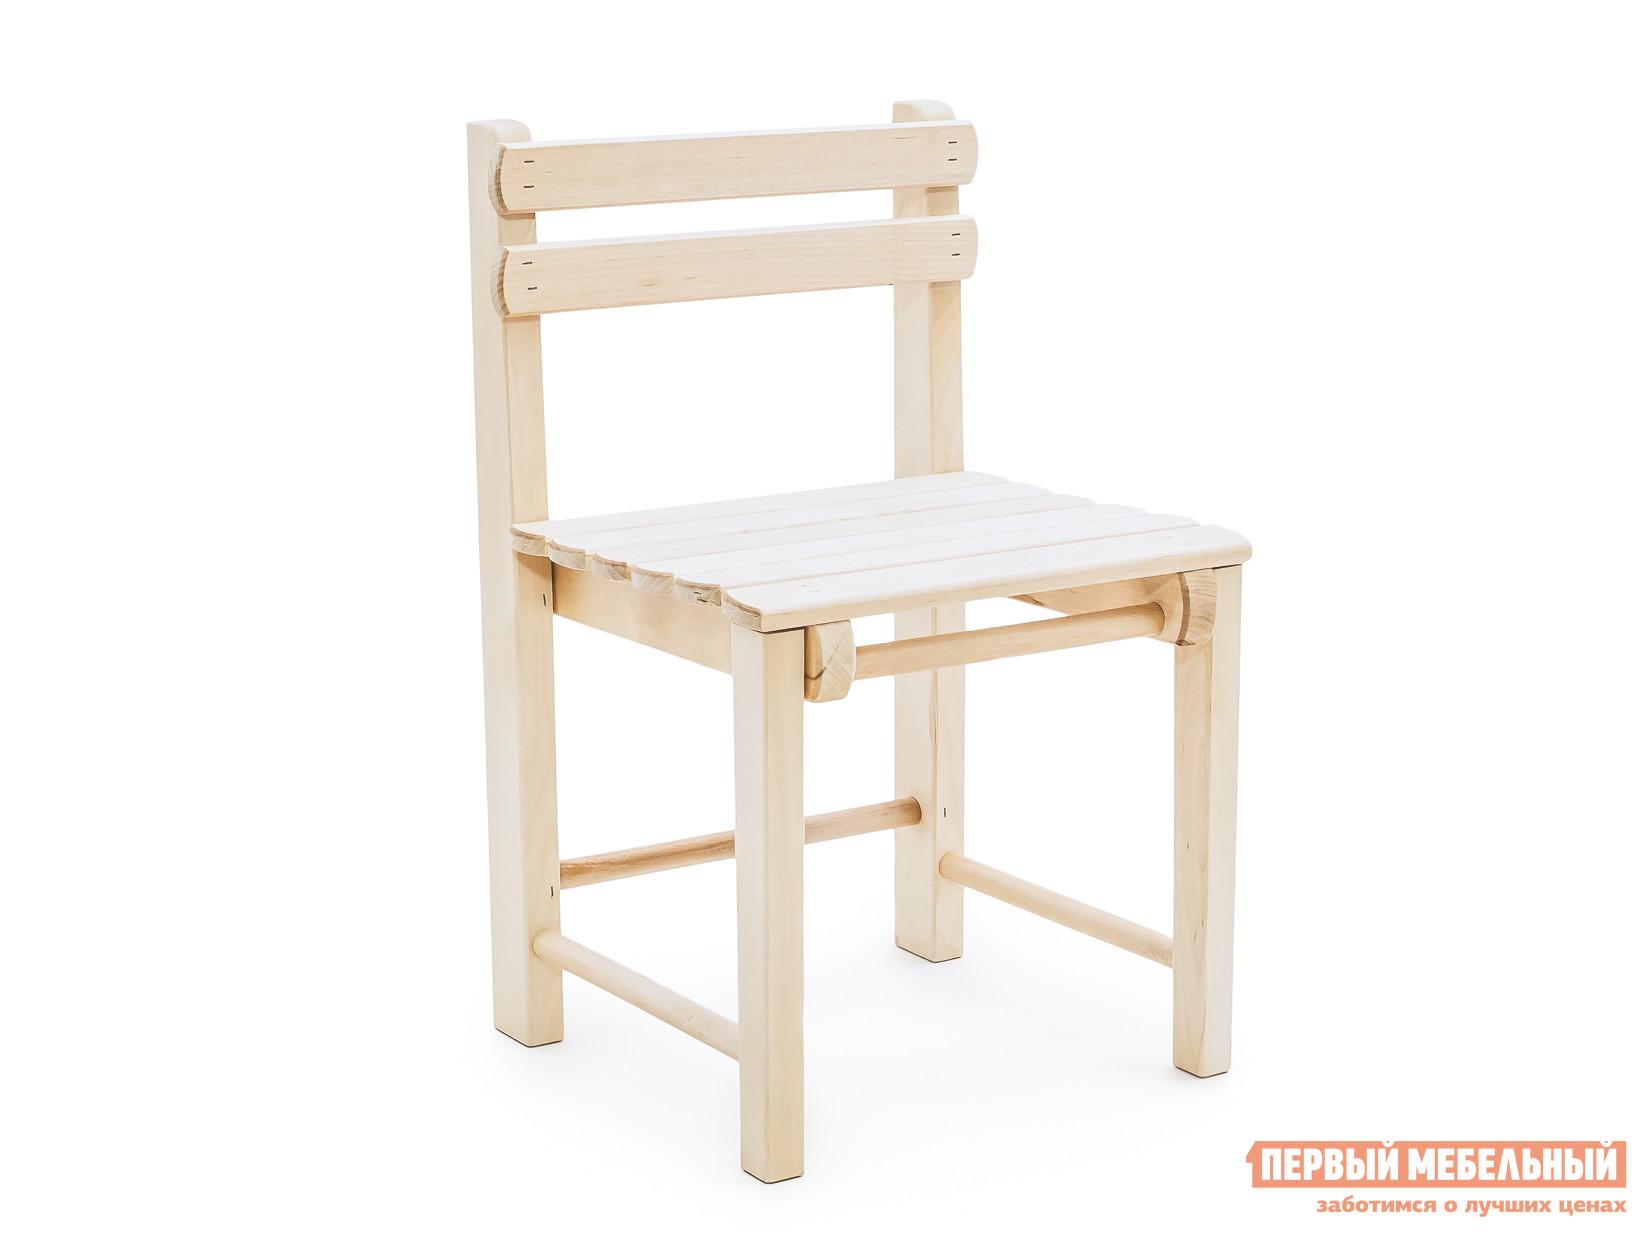 Фото - Детский стул Смолянка ДМ028Б детский